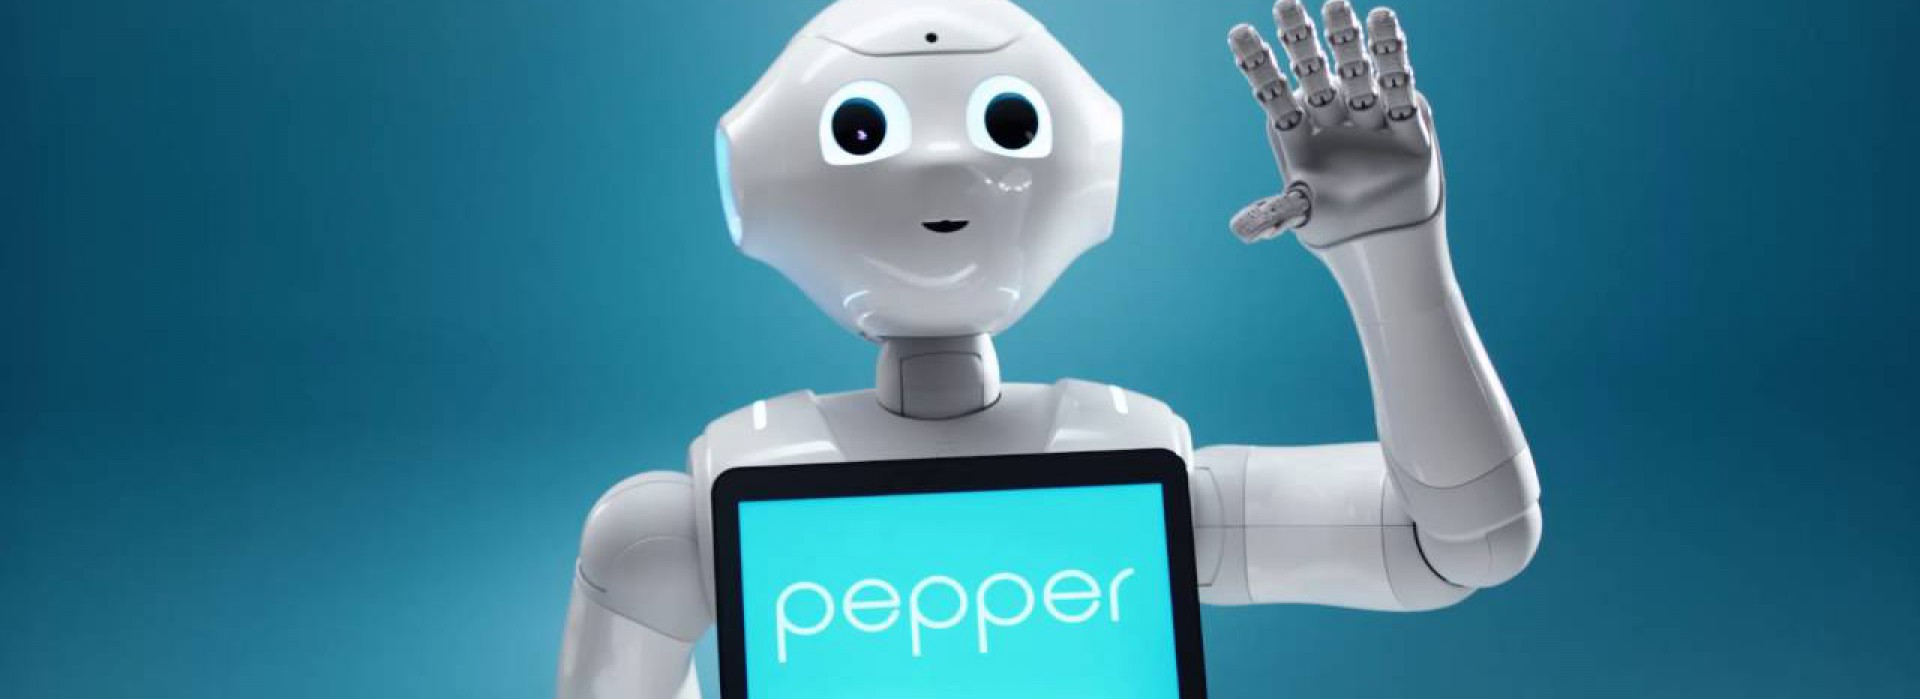 unikāli tirdzniecības roboti